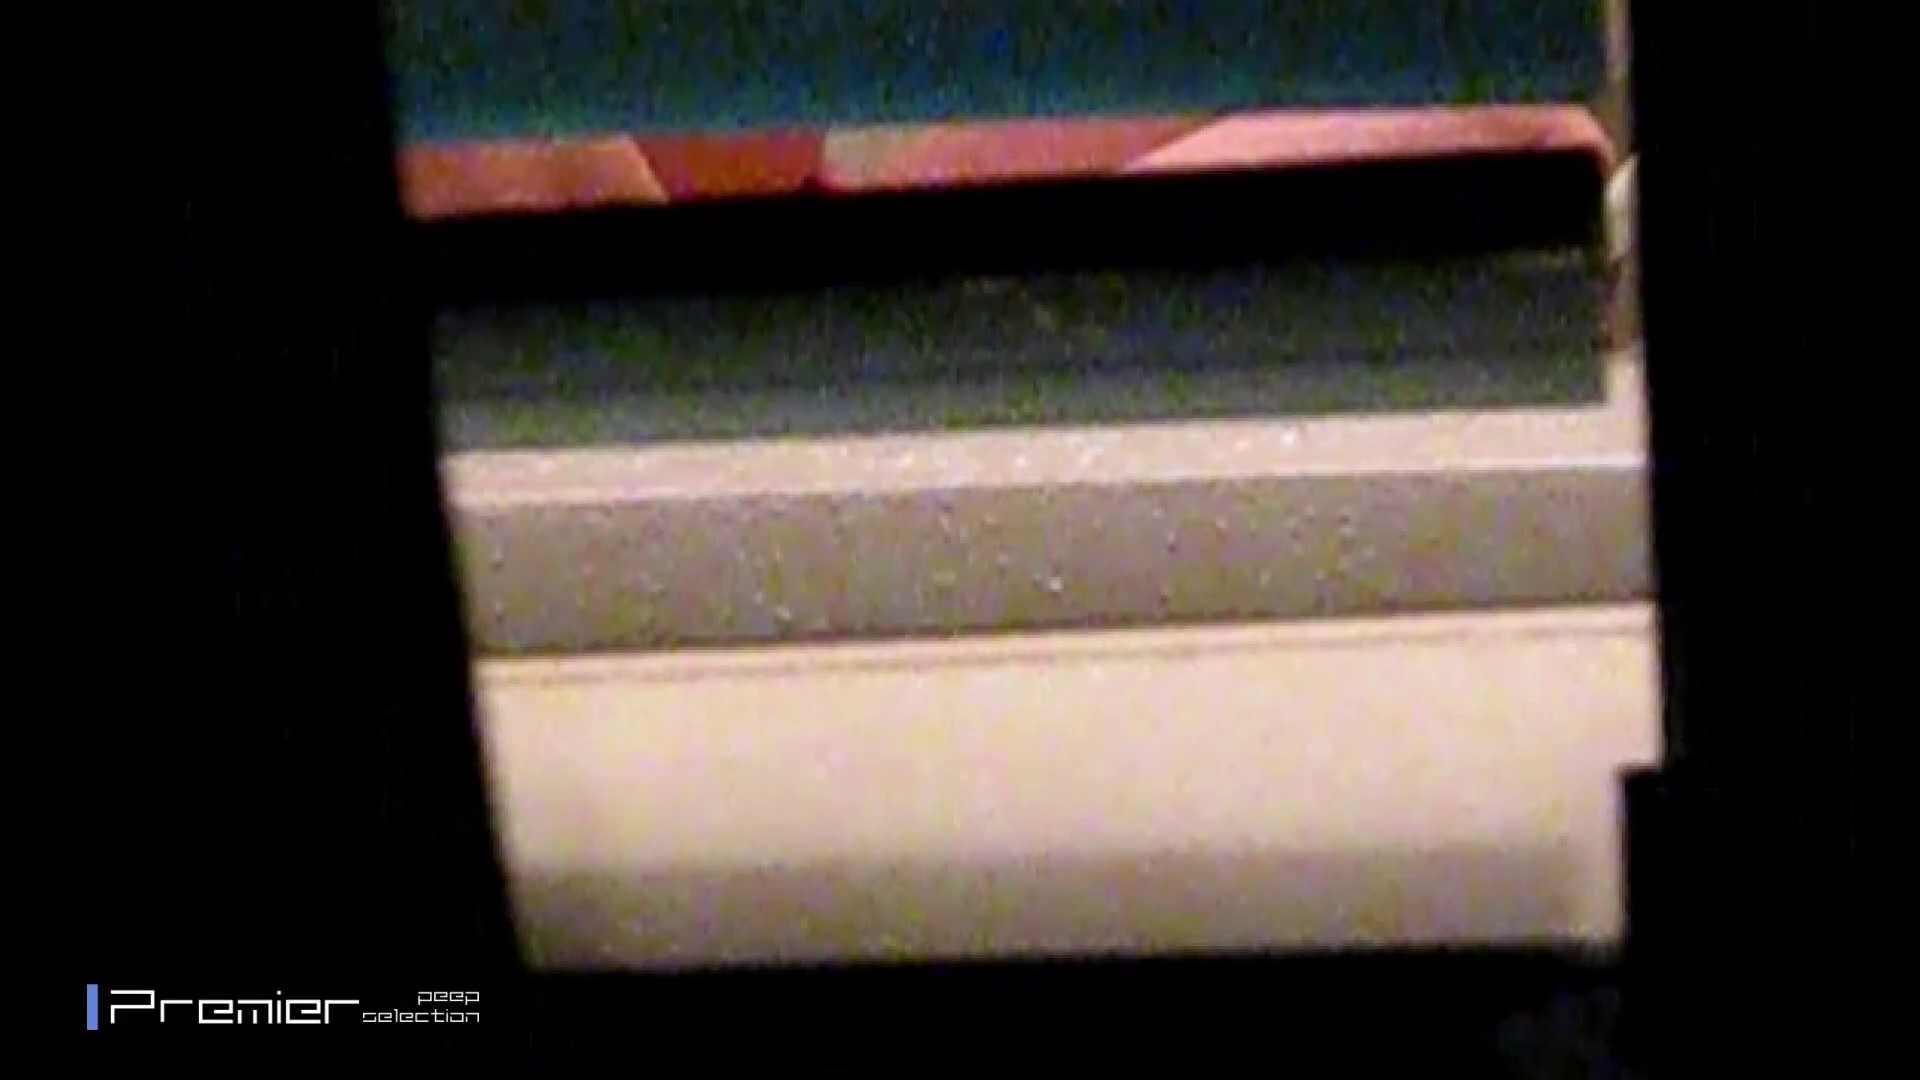 水面から透ける剛毛マン毛 乙女の風呂場 Vol.12 乙女だって。。。 オマンコ無修正動画無料 91画像 83